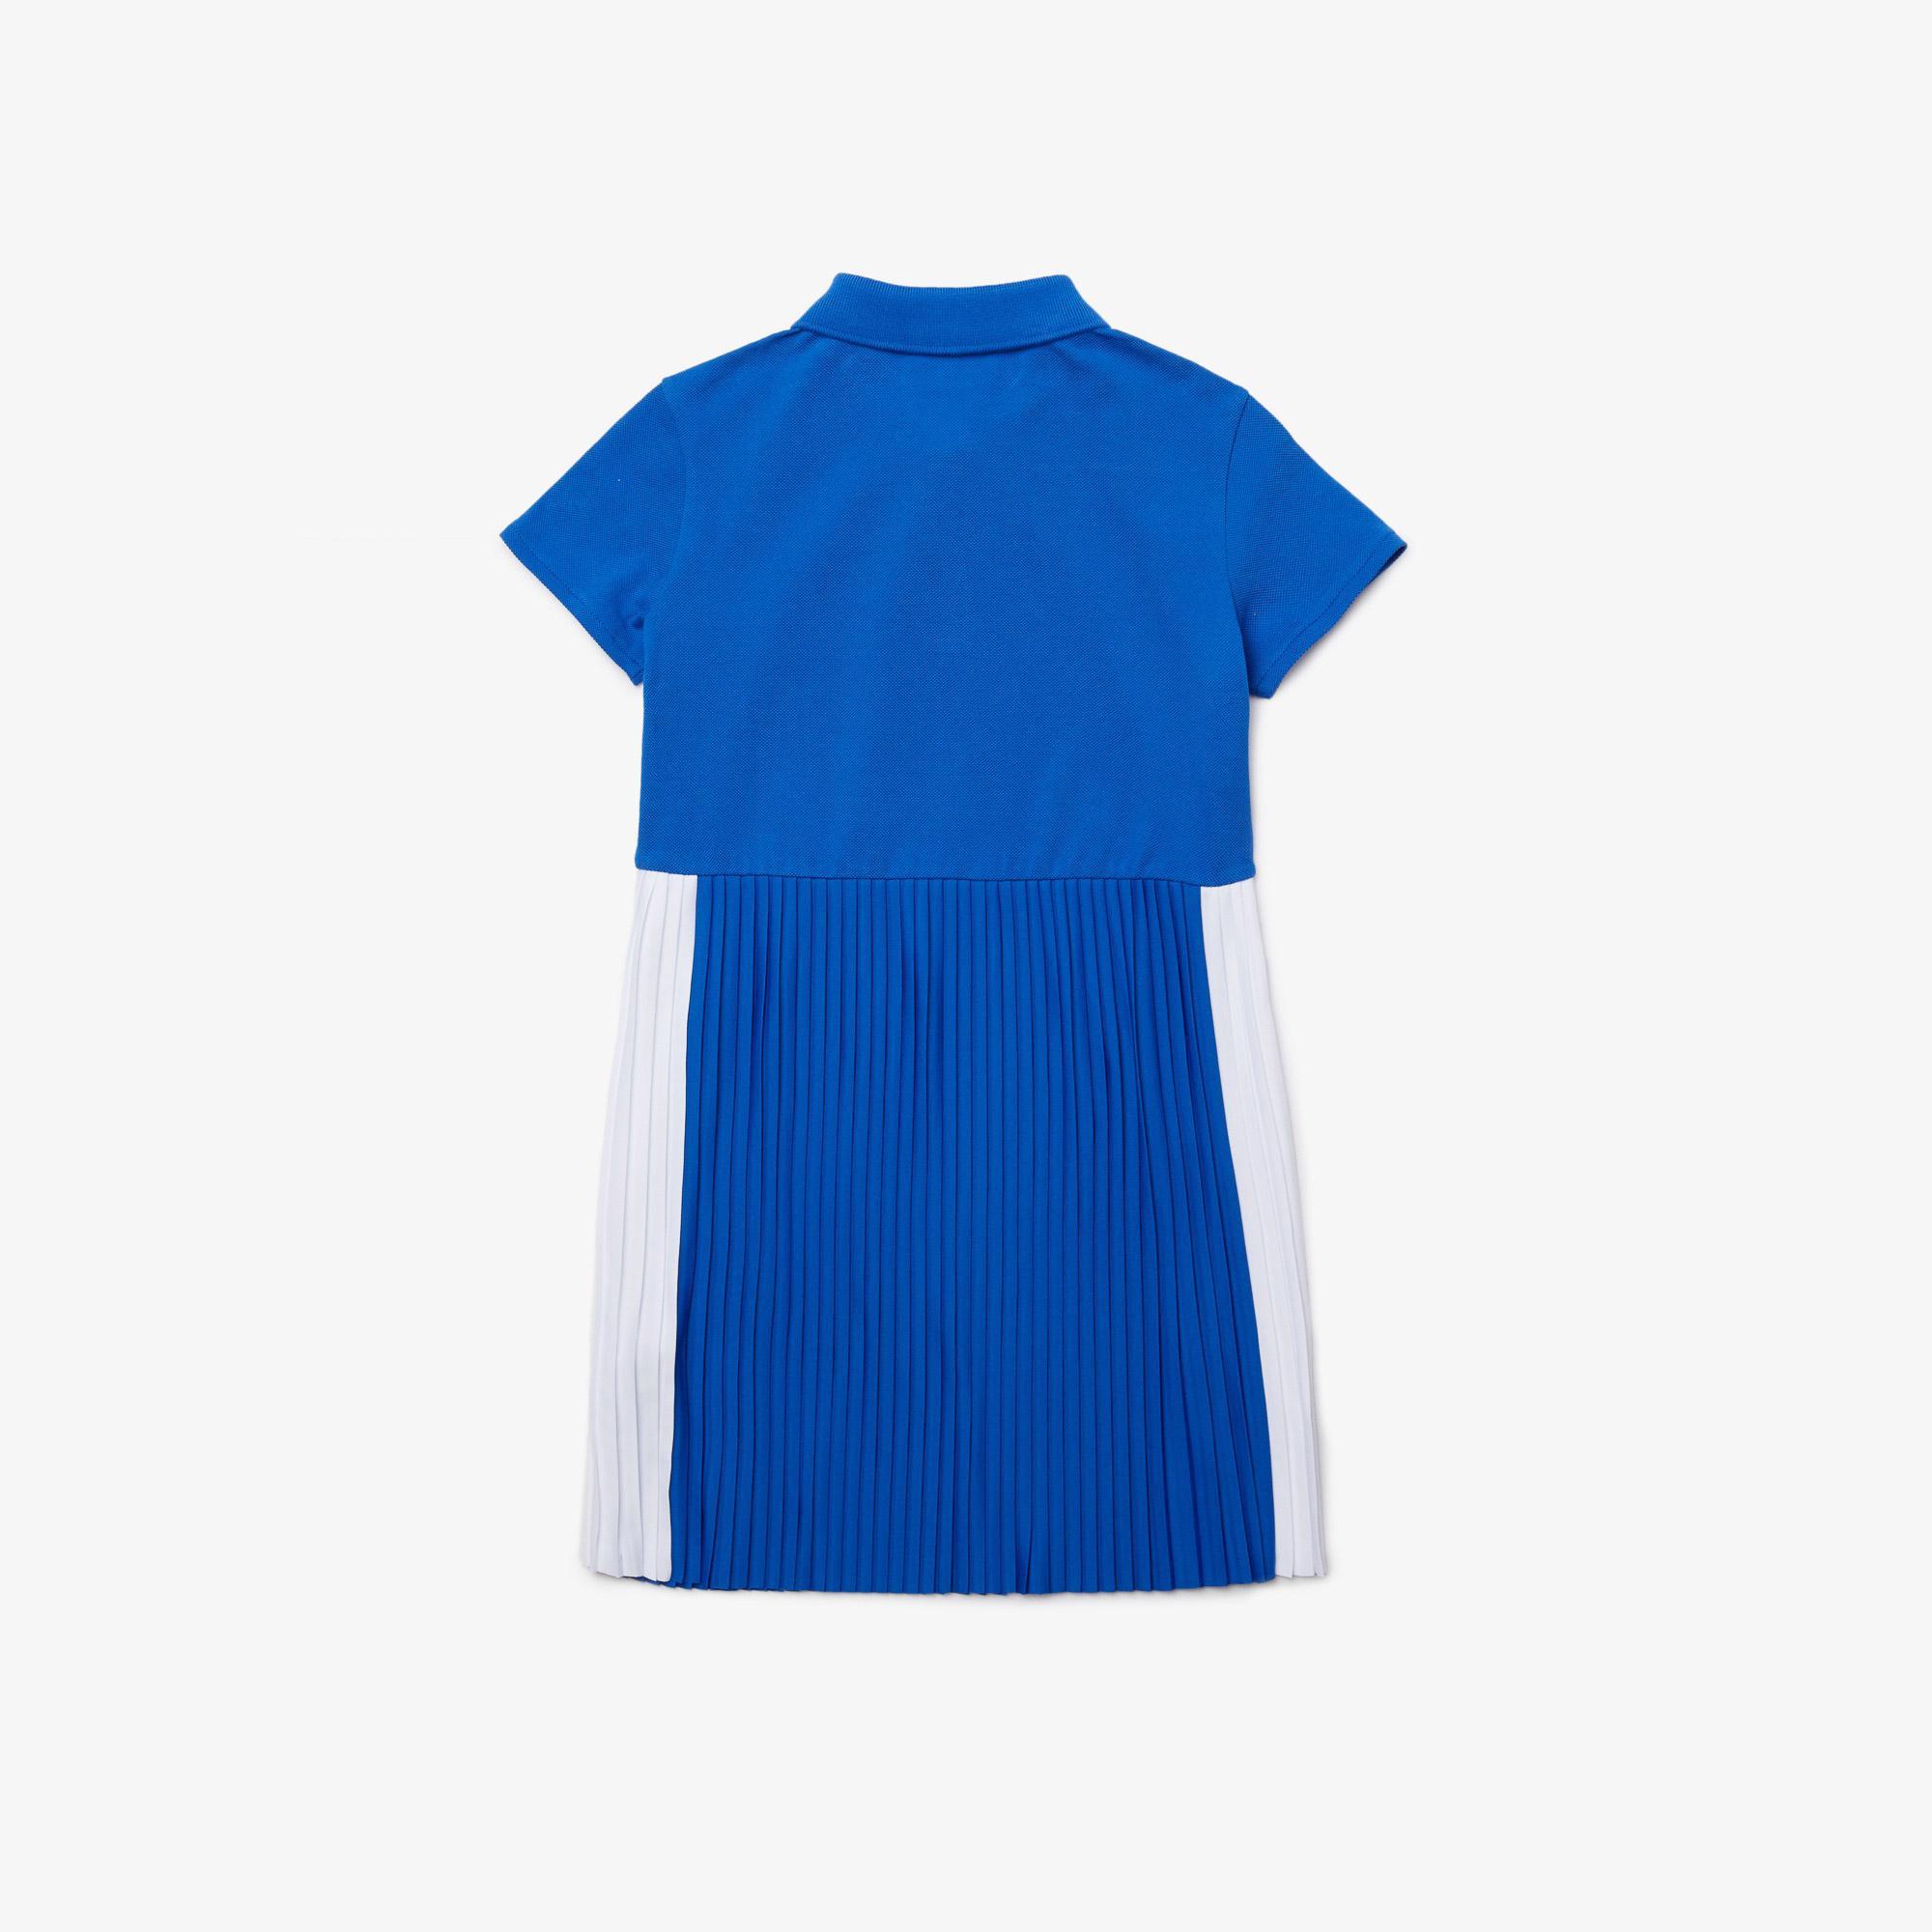 Lacoste Çocuk Kısa Kollu Polo Yaka Renk Bloklu Mavi - Beyaz Elbise